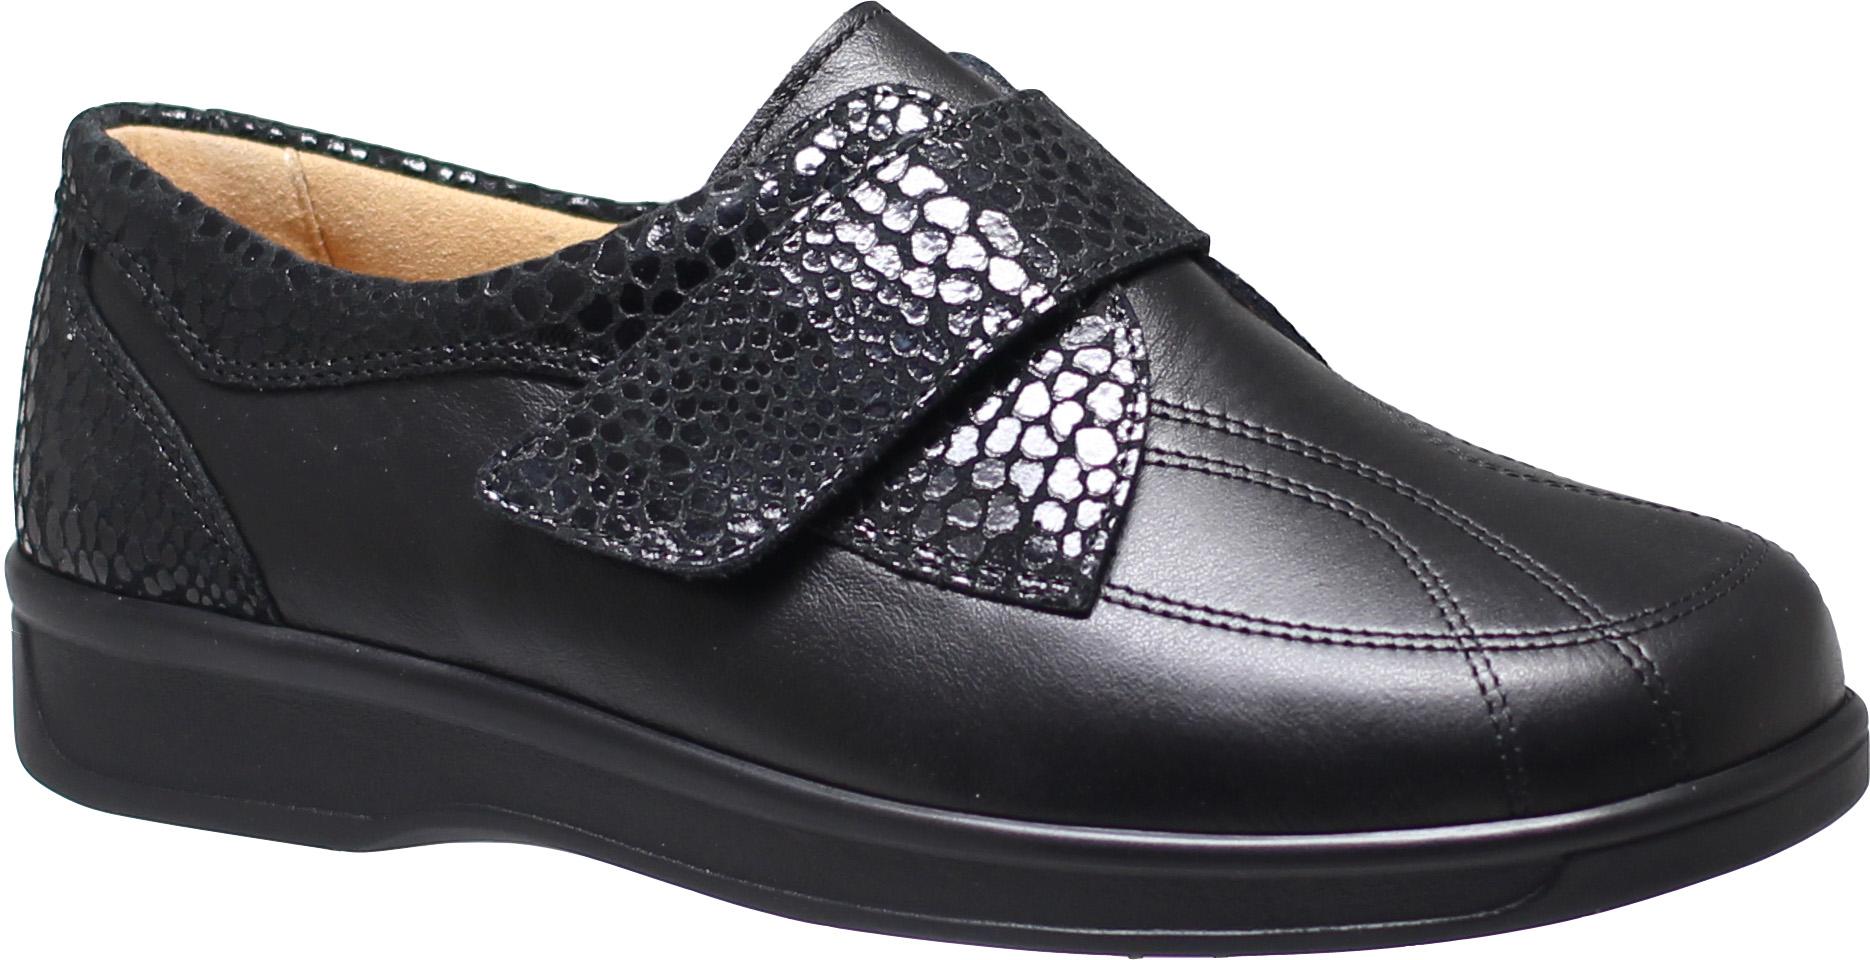 in stock d1a69 8ebce Ganter Schuhe – Schuhservice Uhl – Ihr Schuhmacher in Radolfzell